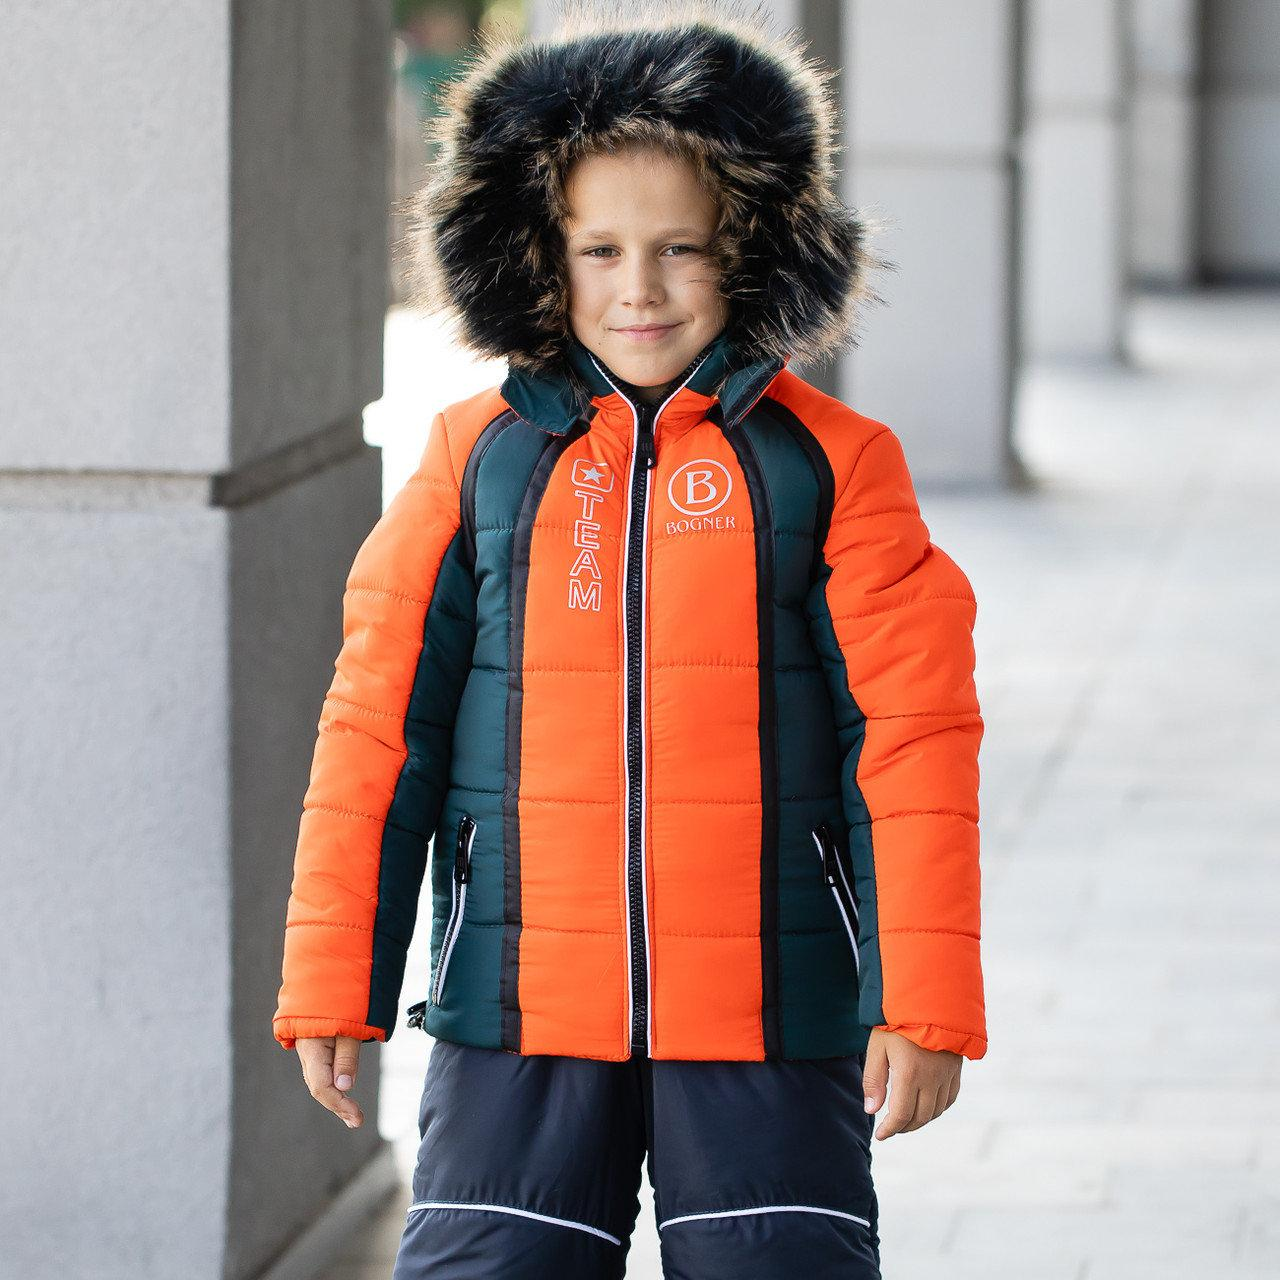 """Детский зимний комбинезон на мальчика """"Богнер"""" , цвет - оранжевый, размеры на 2 - 7 лет"""